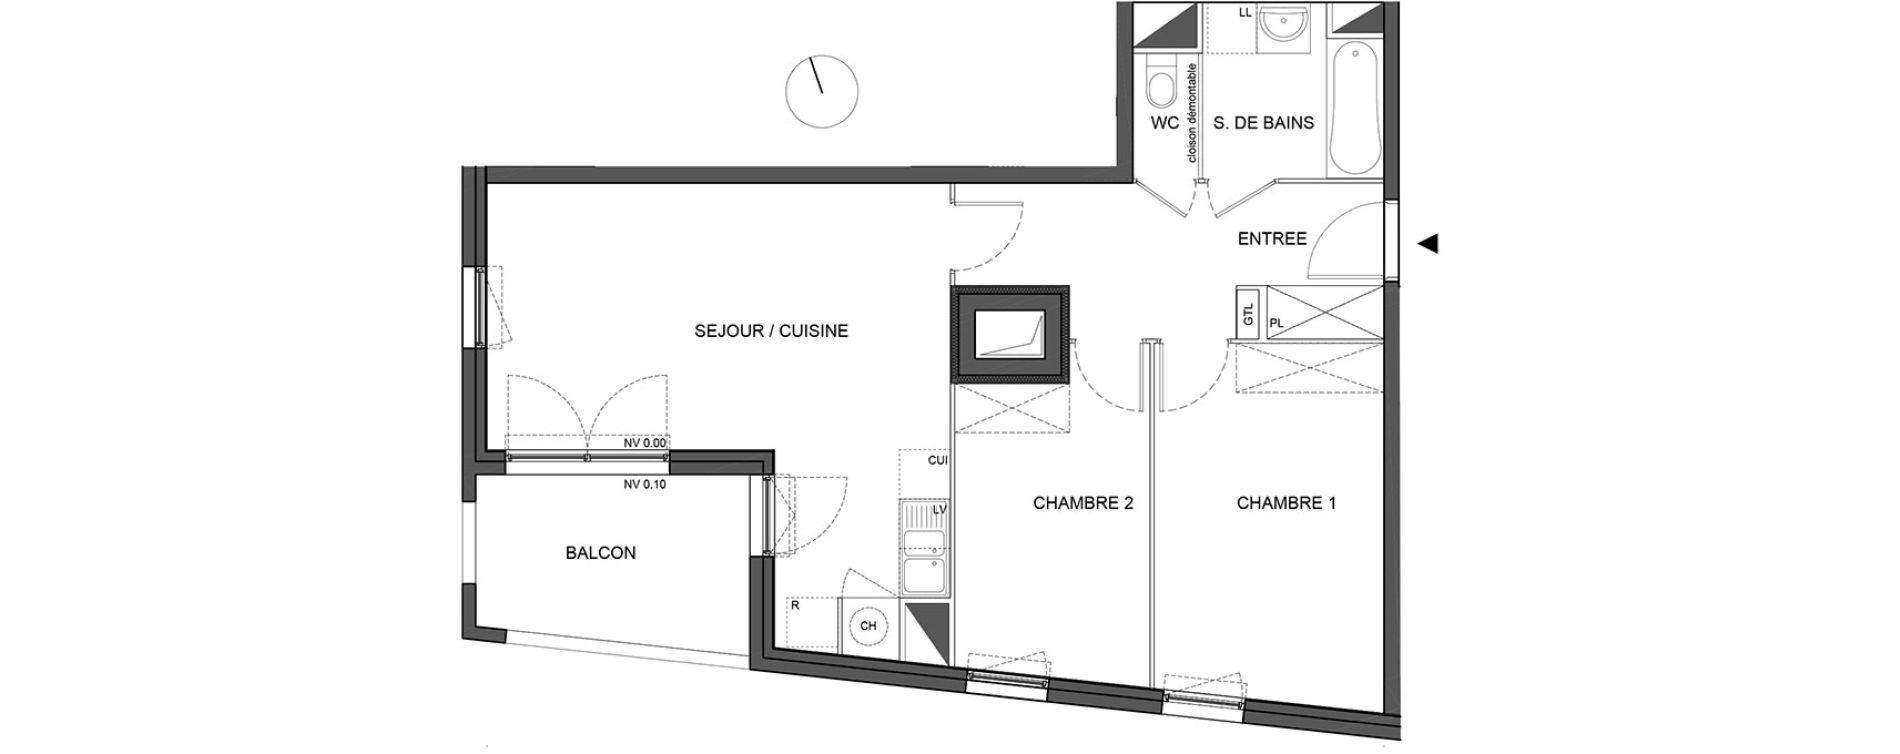 Appartement T3 de 58,80 m2 à Bénouville Centre